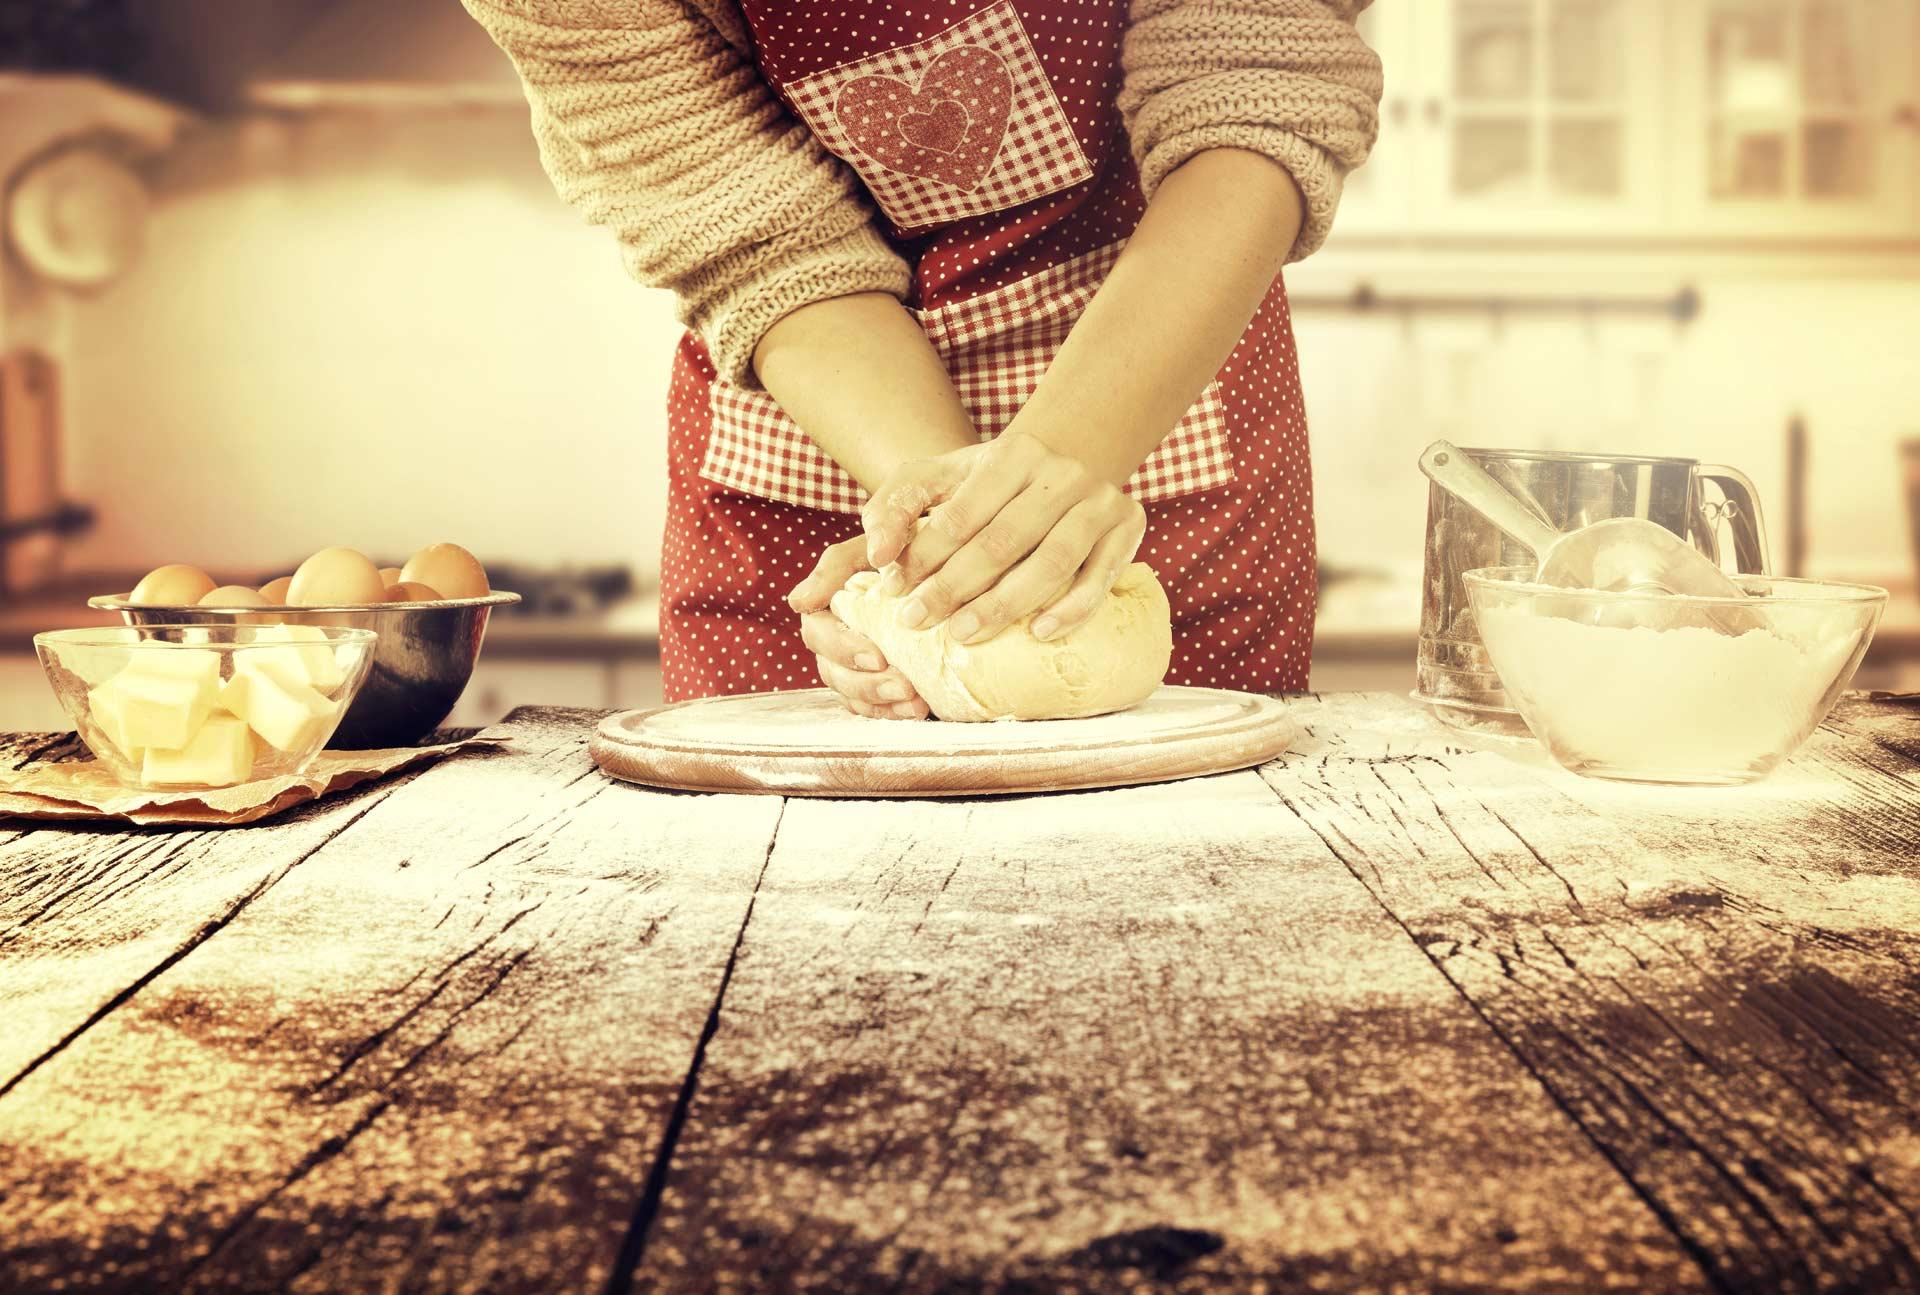 usare reolì per preparati dolci e salti